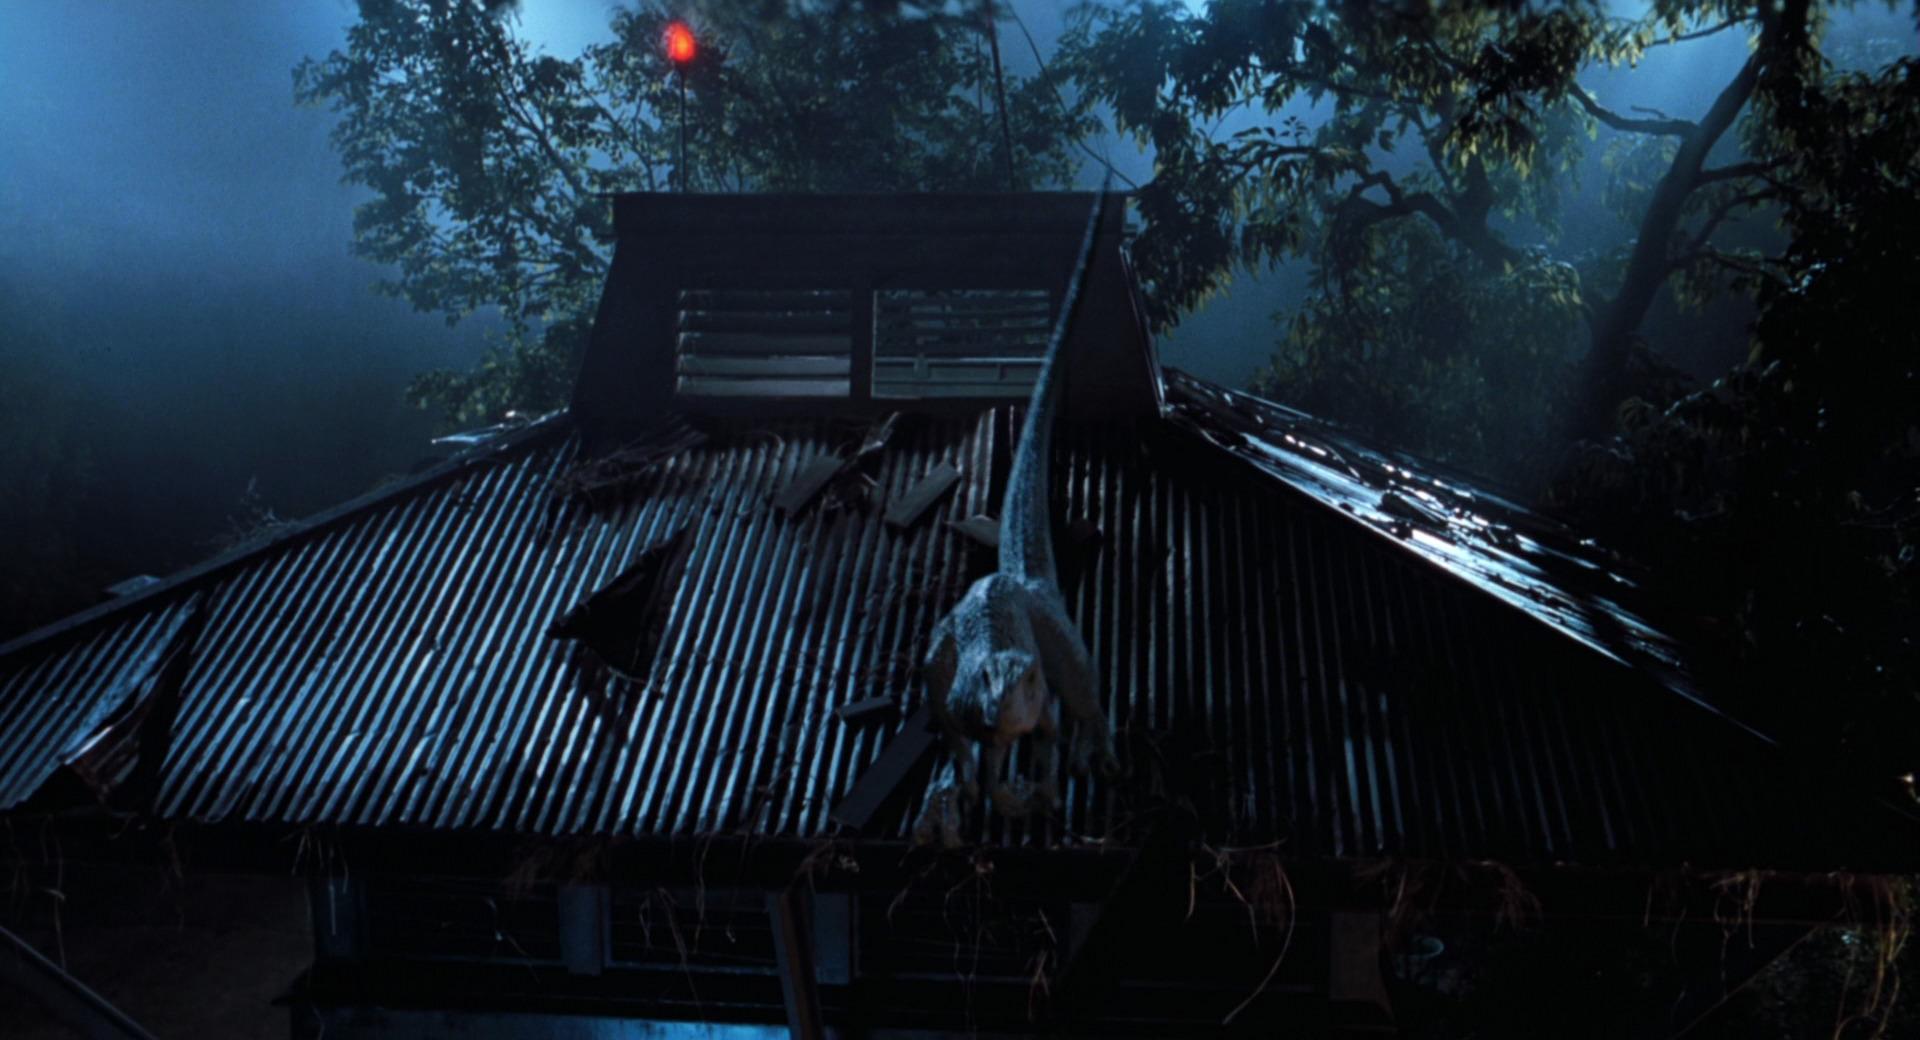 The Lost World Jurassic Park Screencaps are here Jurassic-lost-world-movie-screencaps.com-11527